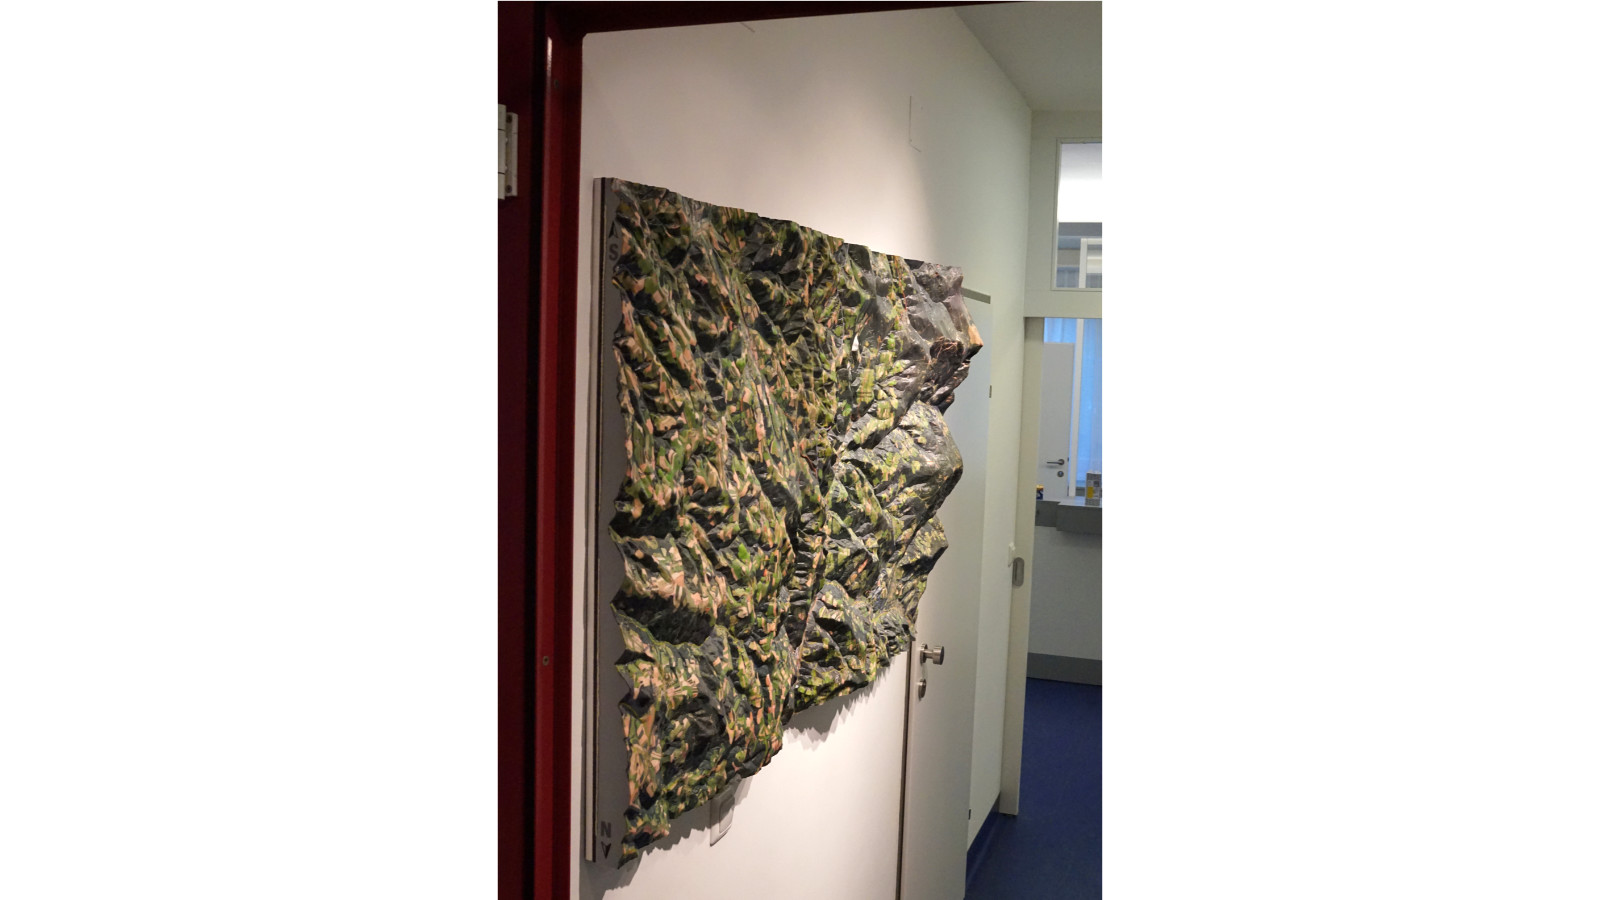 Abmaße der Reliefkarte: 150cm x 90cm x 20cm   Gewicht: 20kg   Schutzlackierung: ja